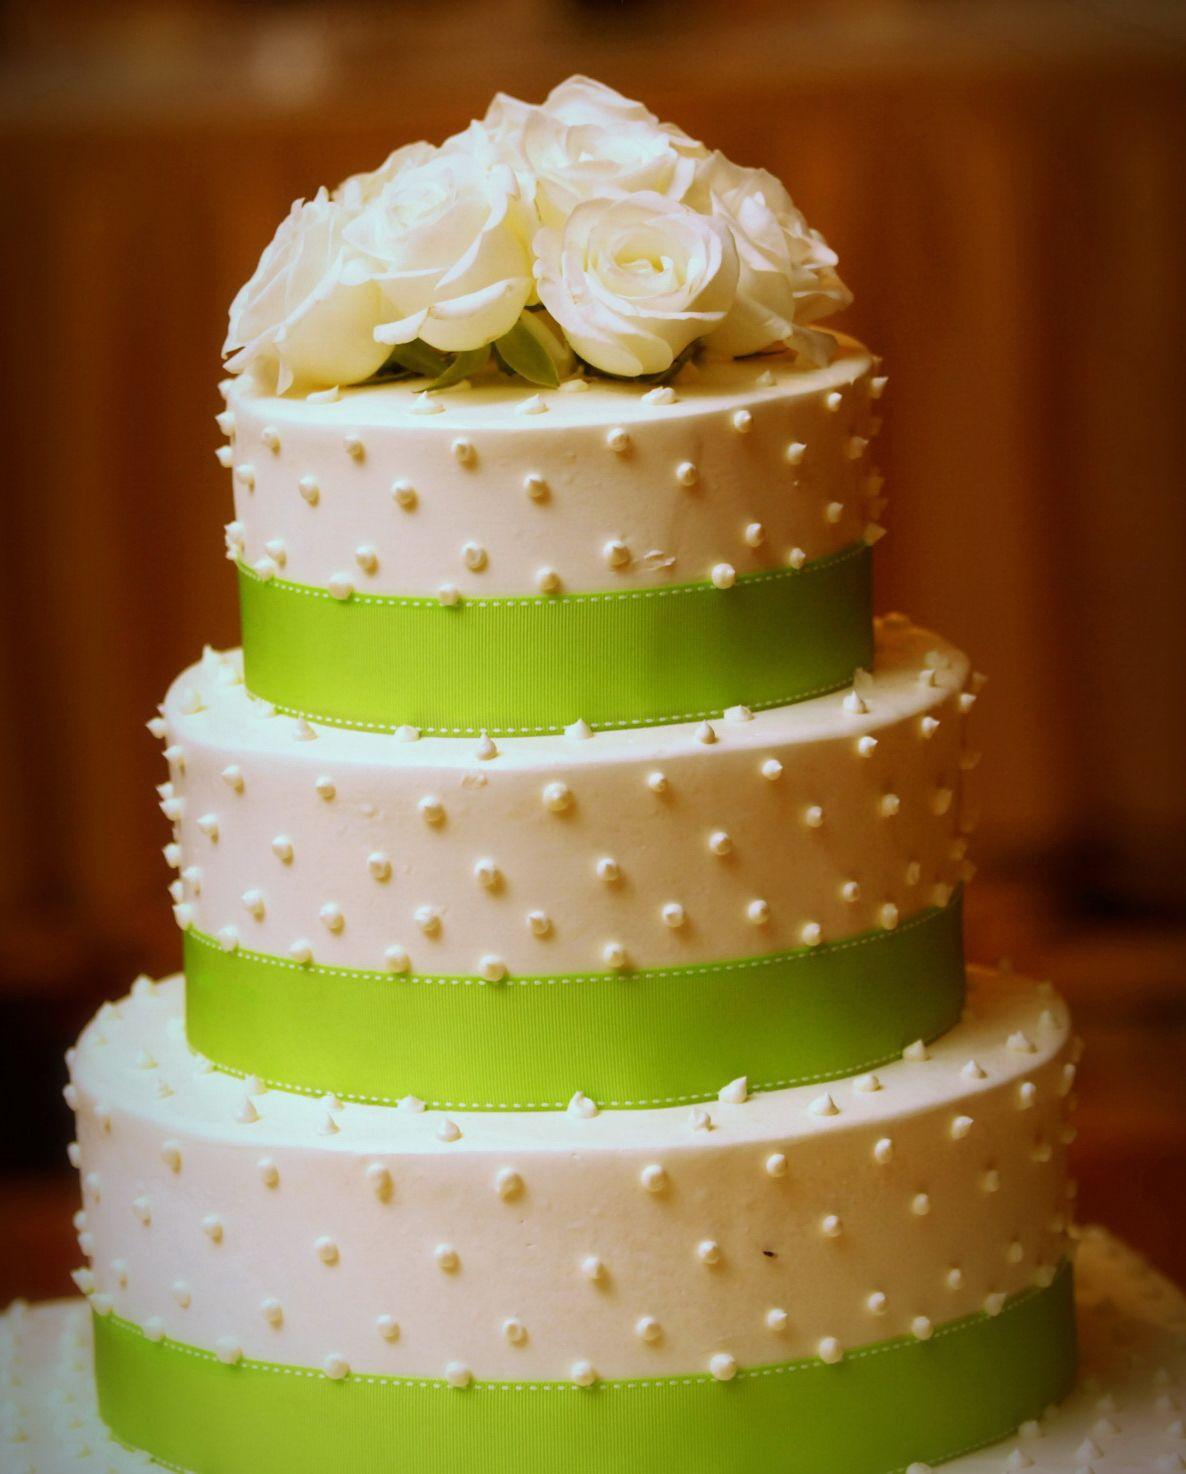 Заказать творожный торт санкт-петербург | Украшение тортов ...